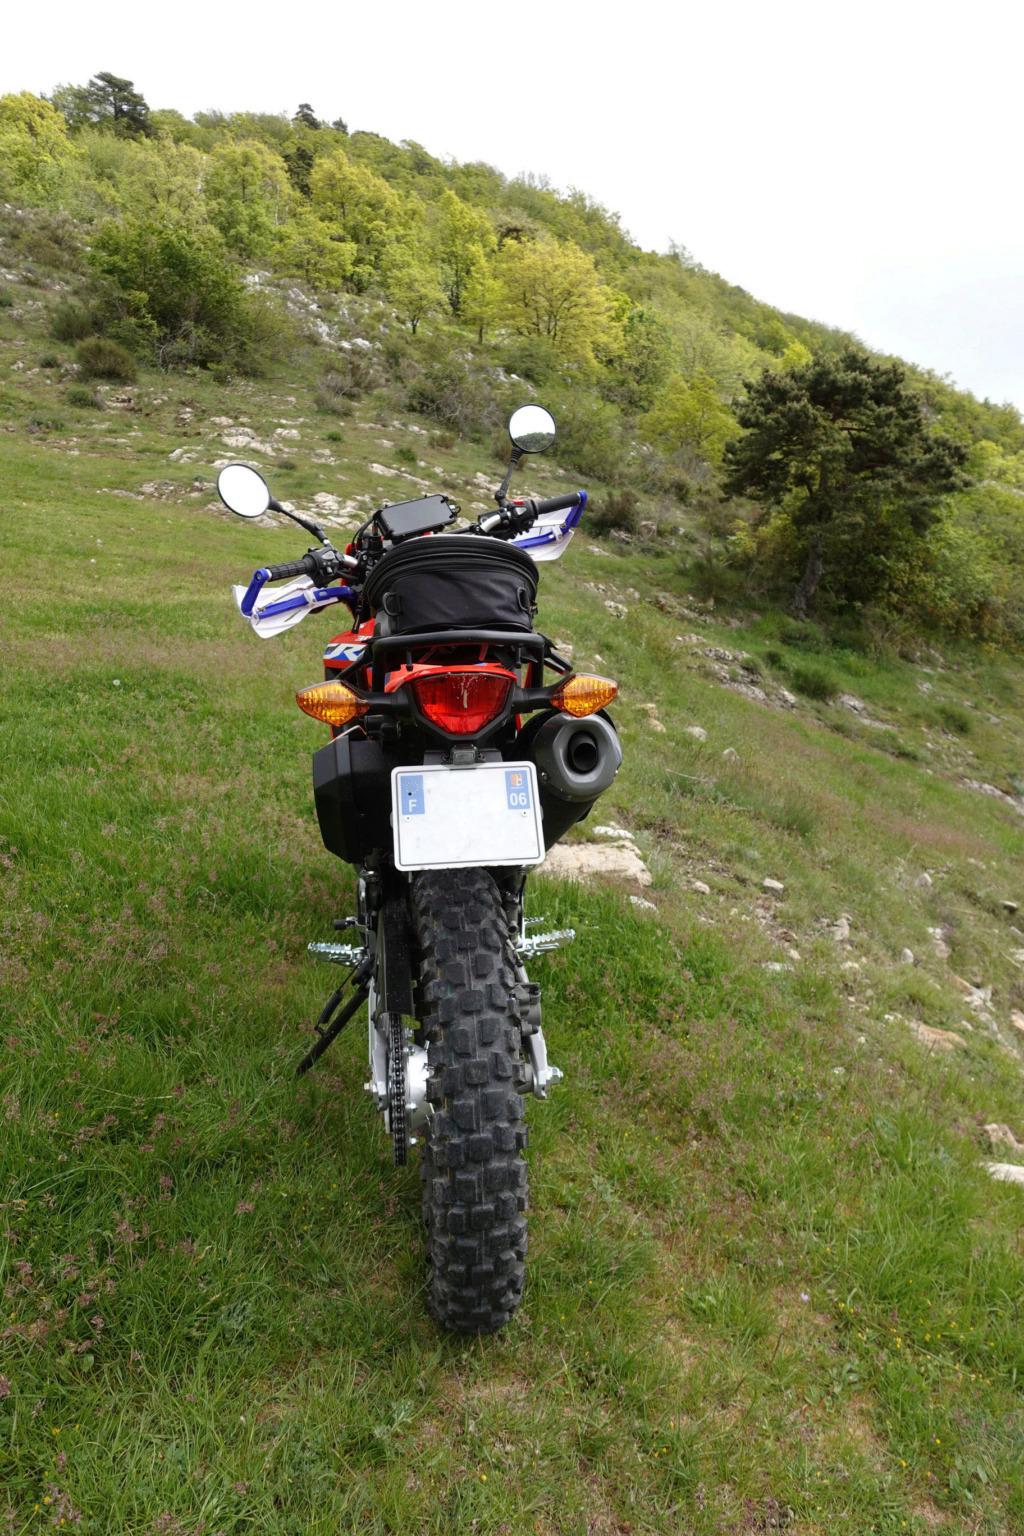 Modifs et accessoires Honda 300 CRF-L - Page 3 Dsc00521